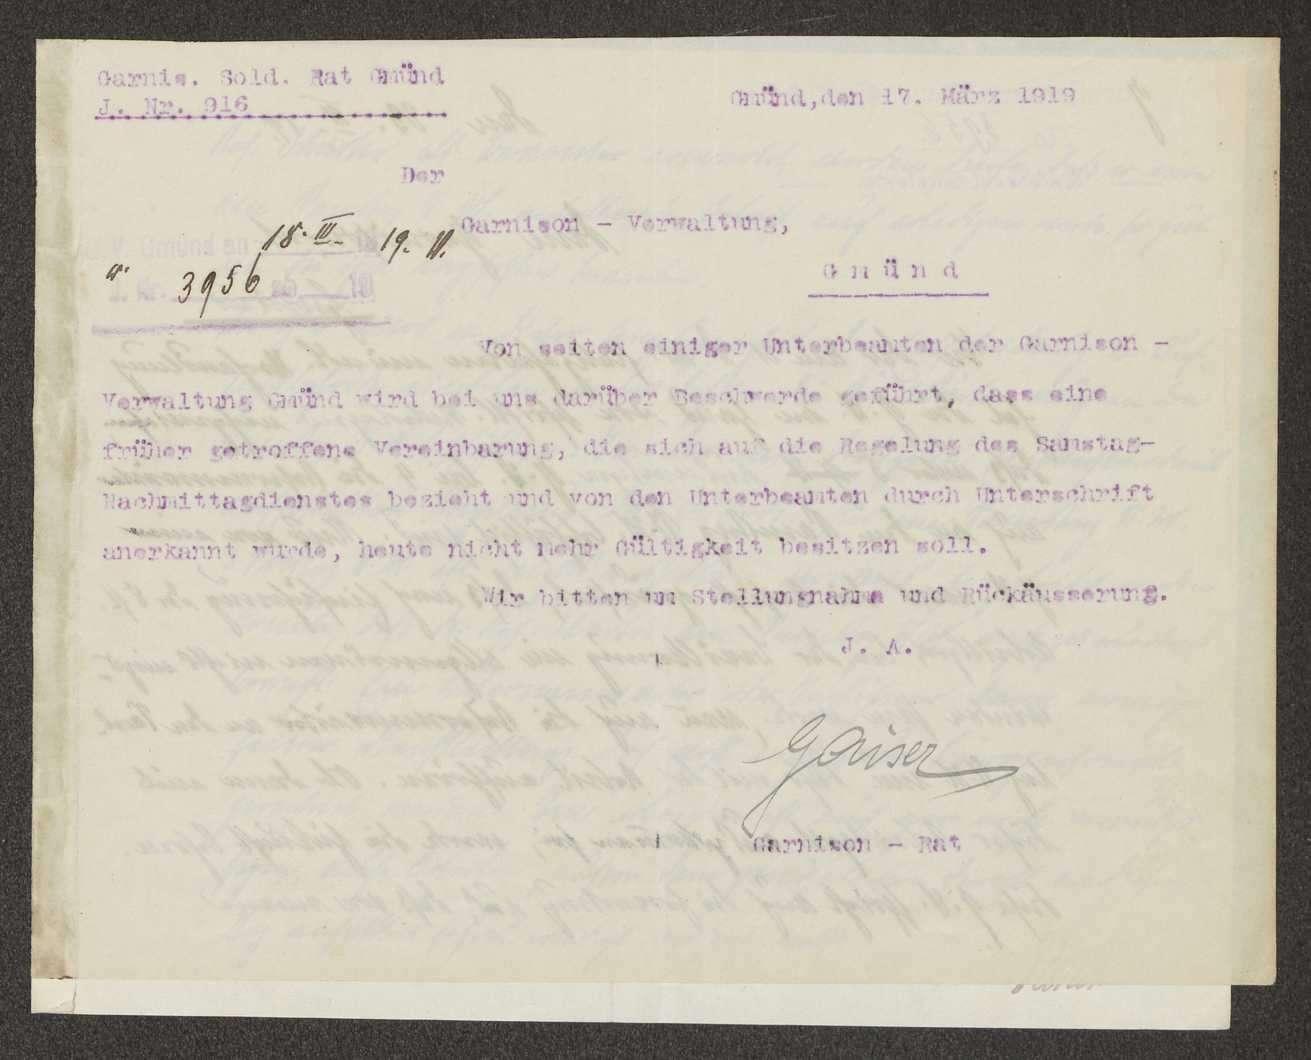 Regelung des Samstagnachitiittagsdienstes bei der Garnisonverwaltung, Bild 1